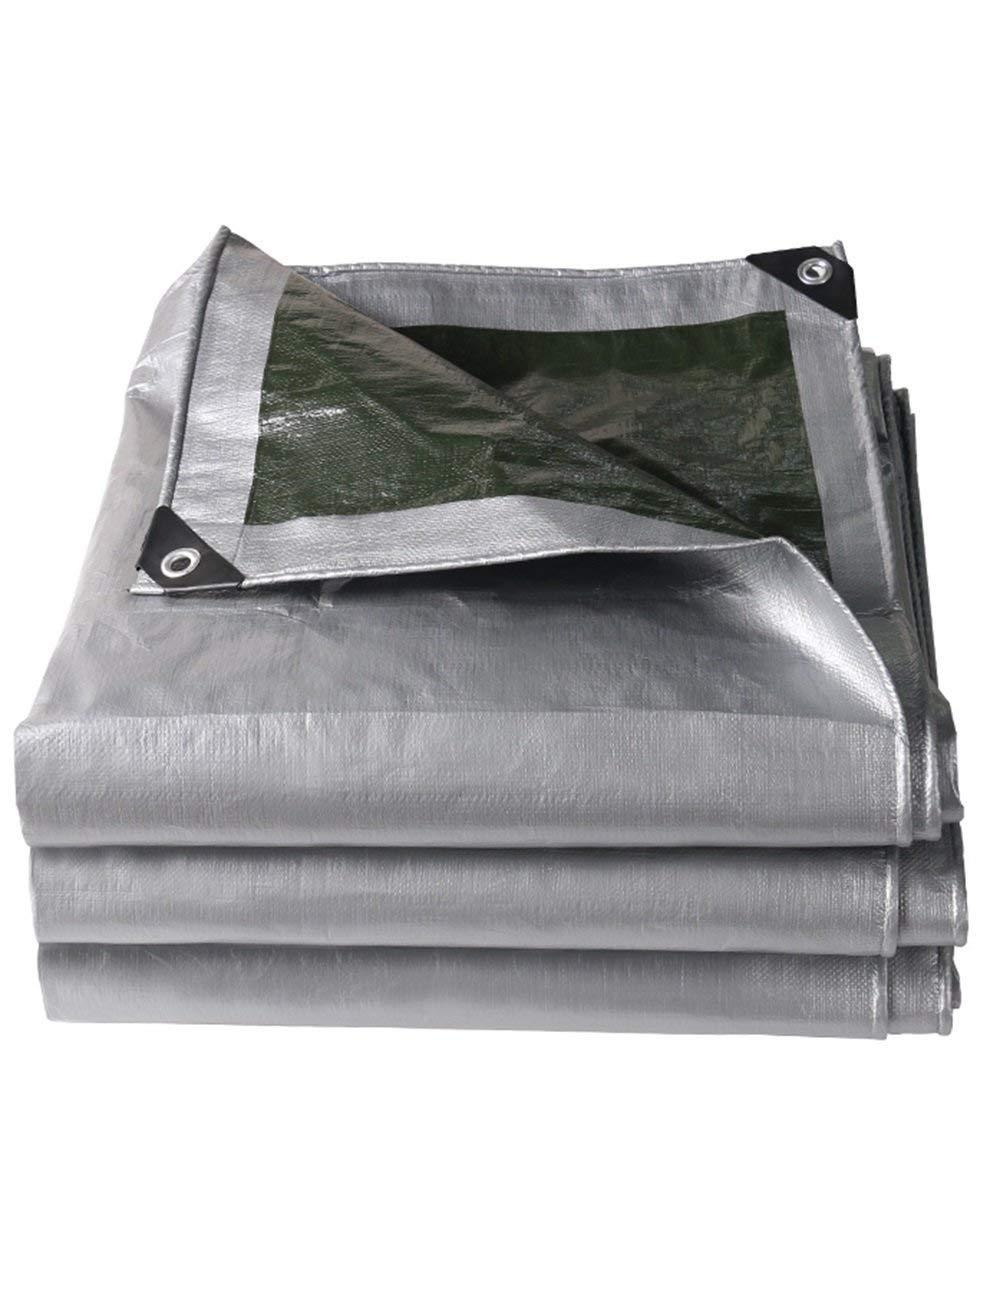 Fonly Tente imperméable à l'eau extérieure campante argentée de Tente d'ombre de bÂche imperméable